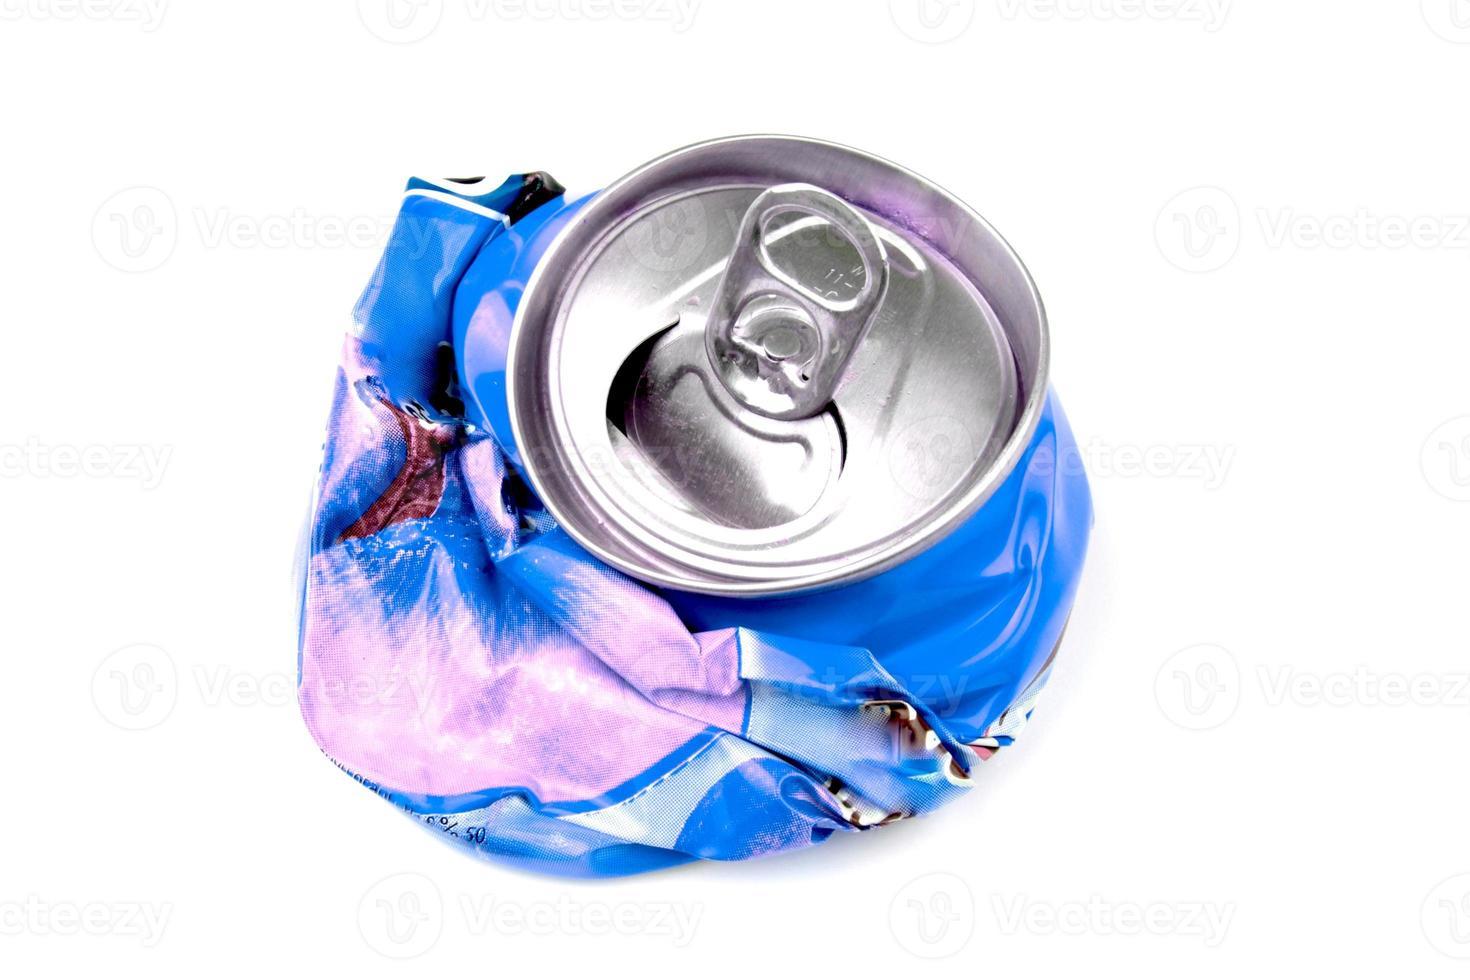 geplette drank kan geïsoleerd worden. foto